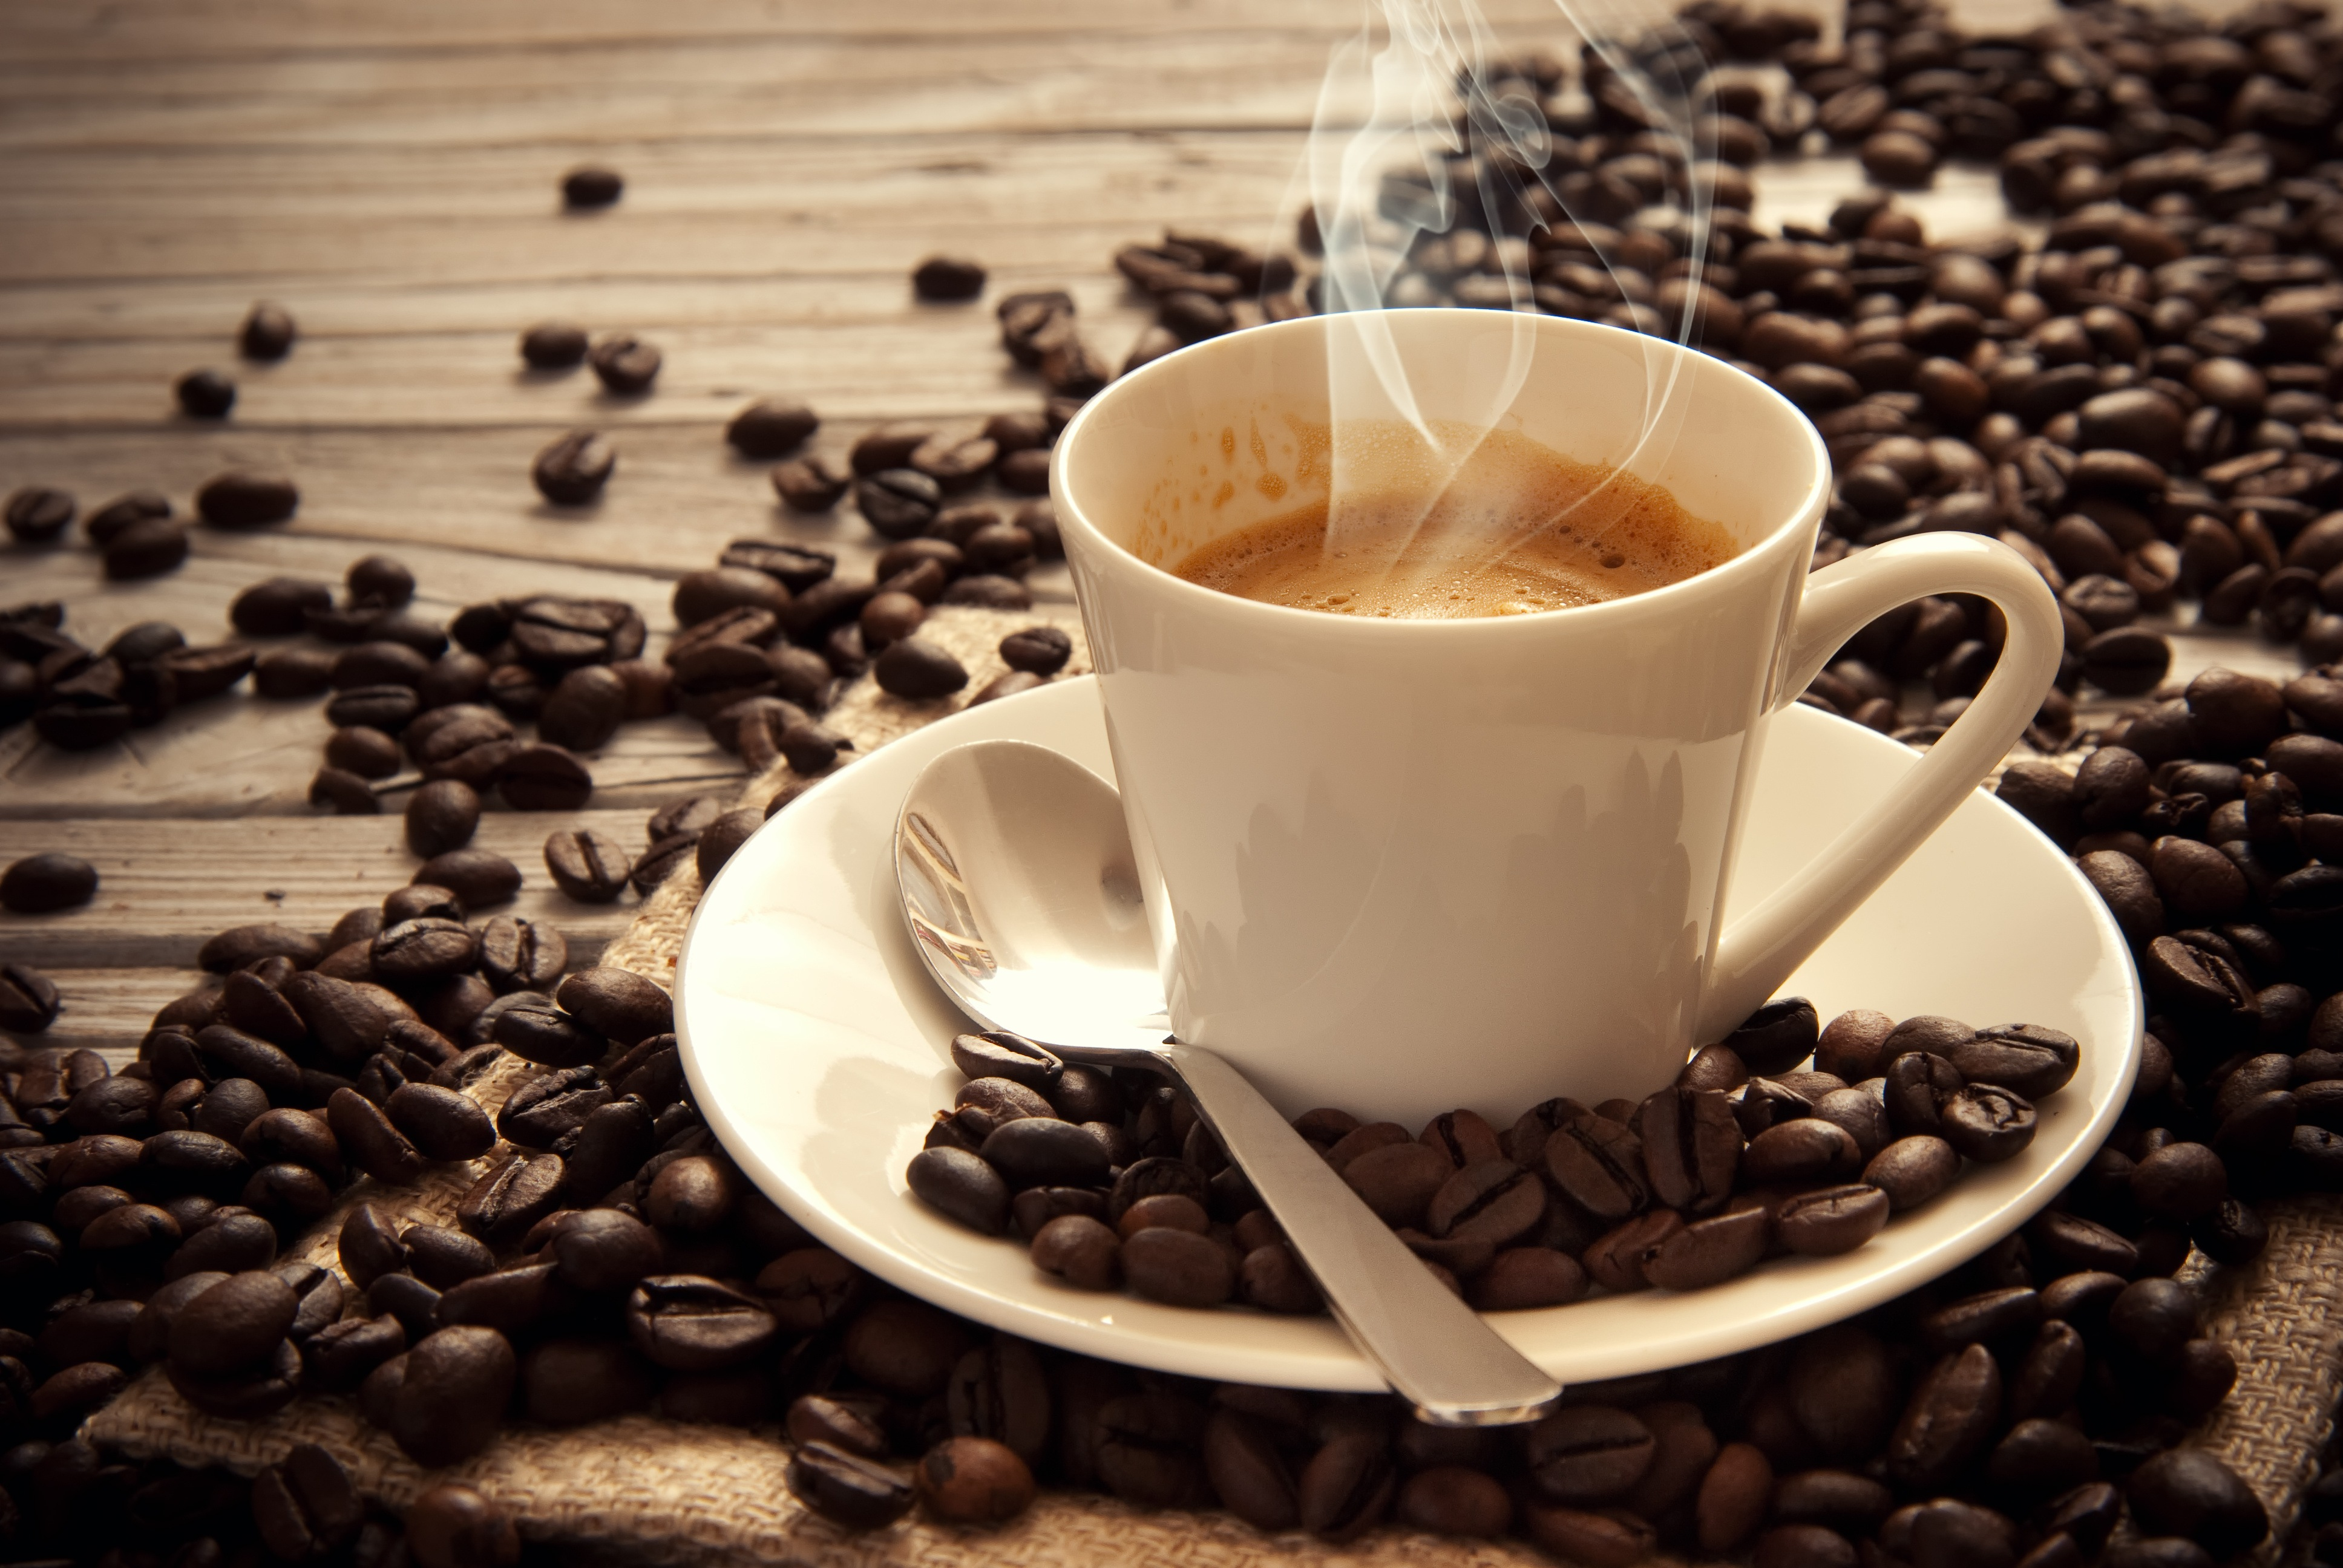 La Guida - I bar di Boves aumentano il prezzo del caffè